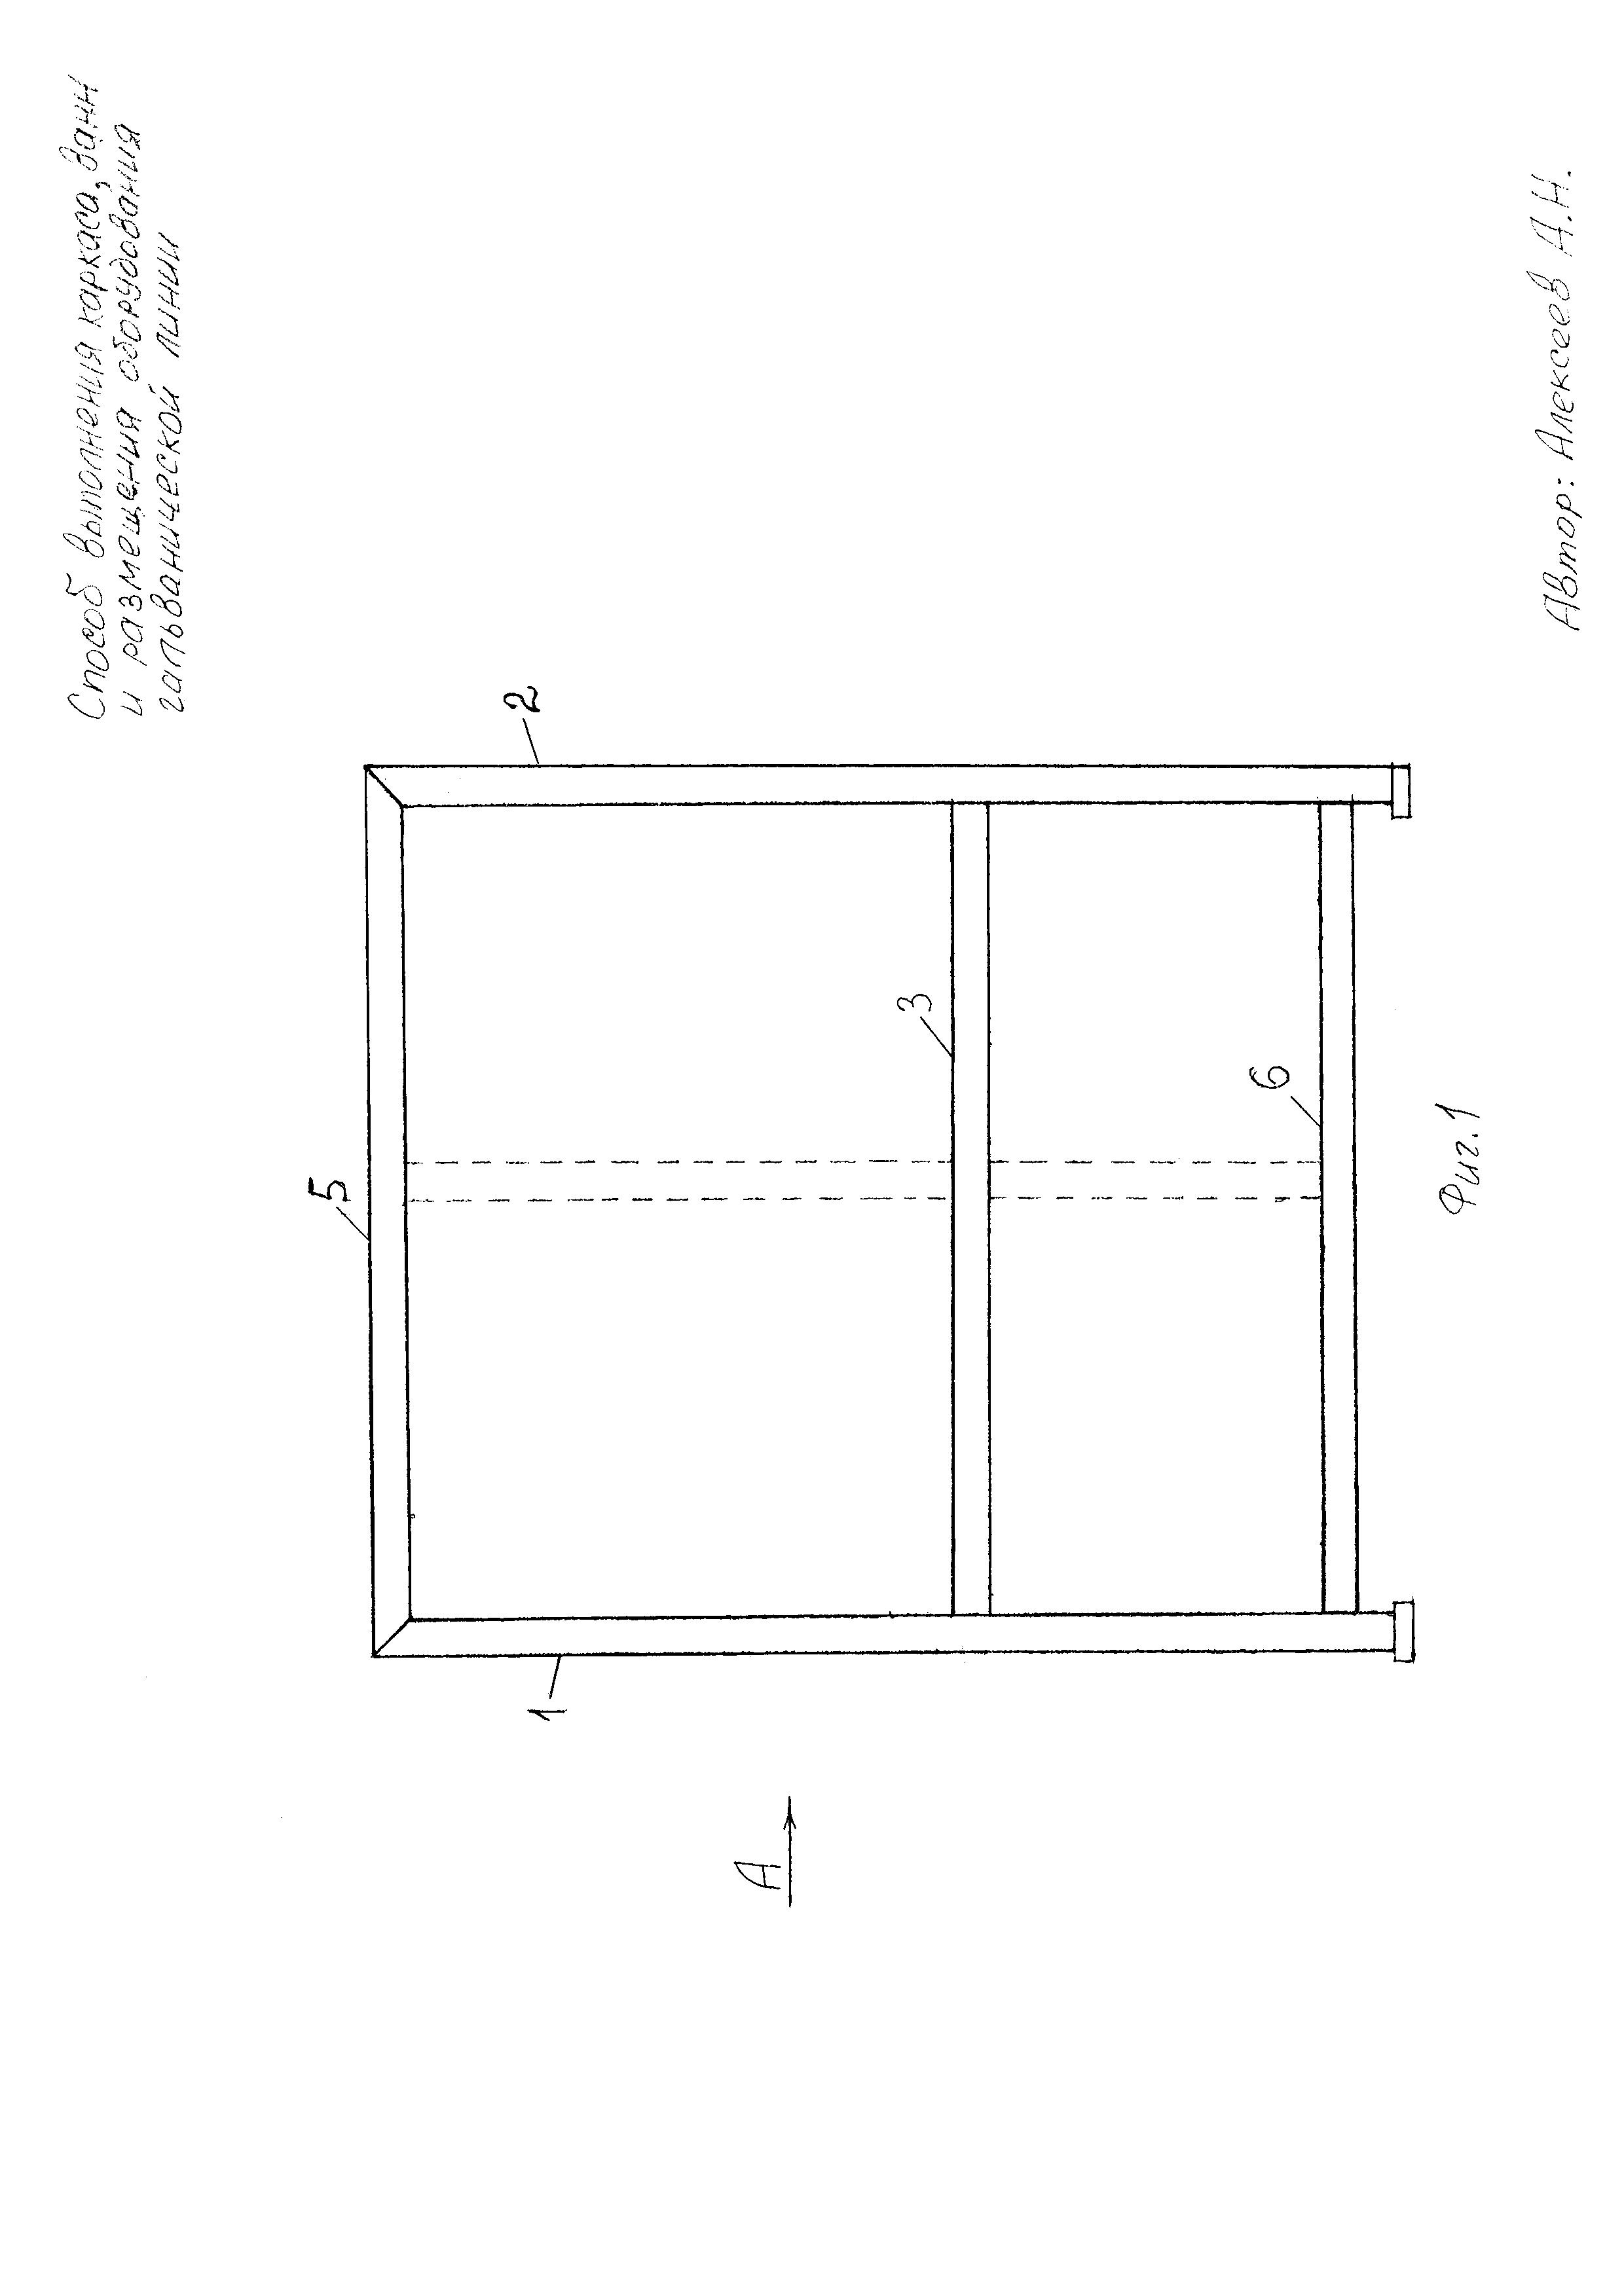 Способ изготовления двухуровневой гальванической линии